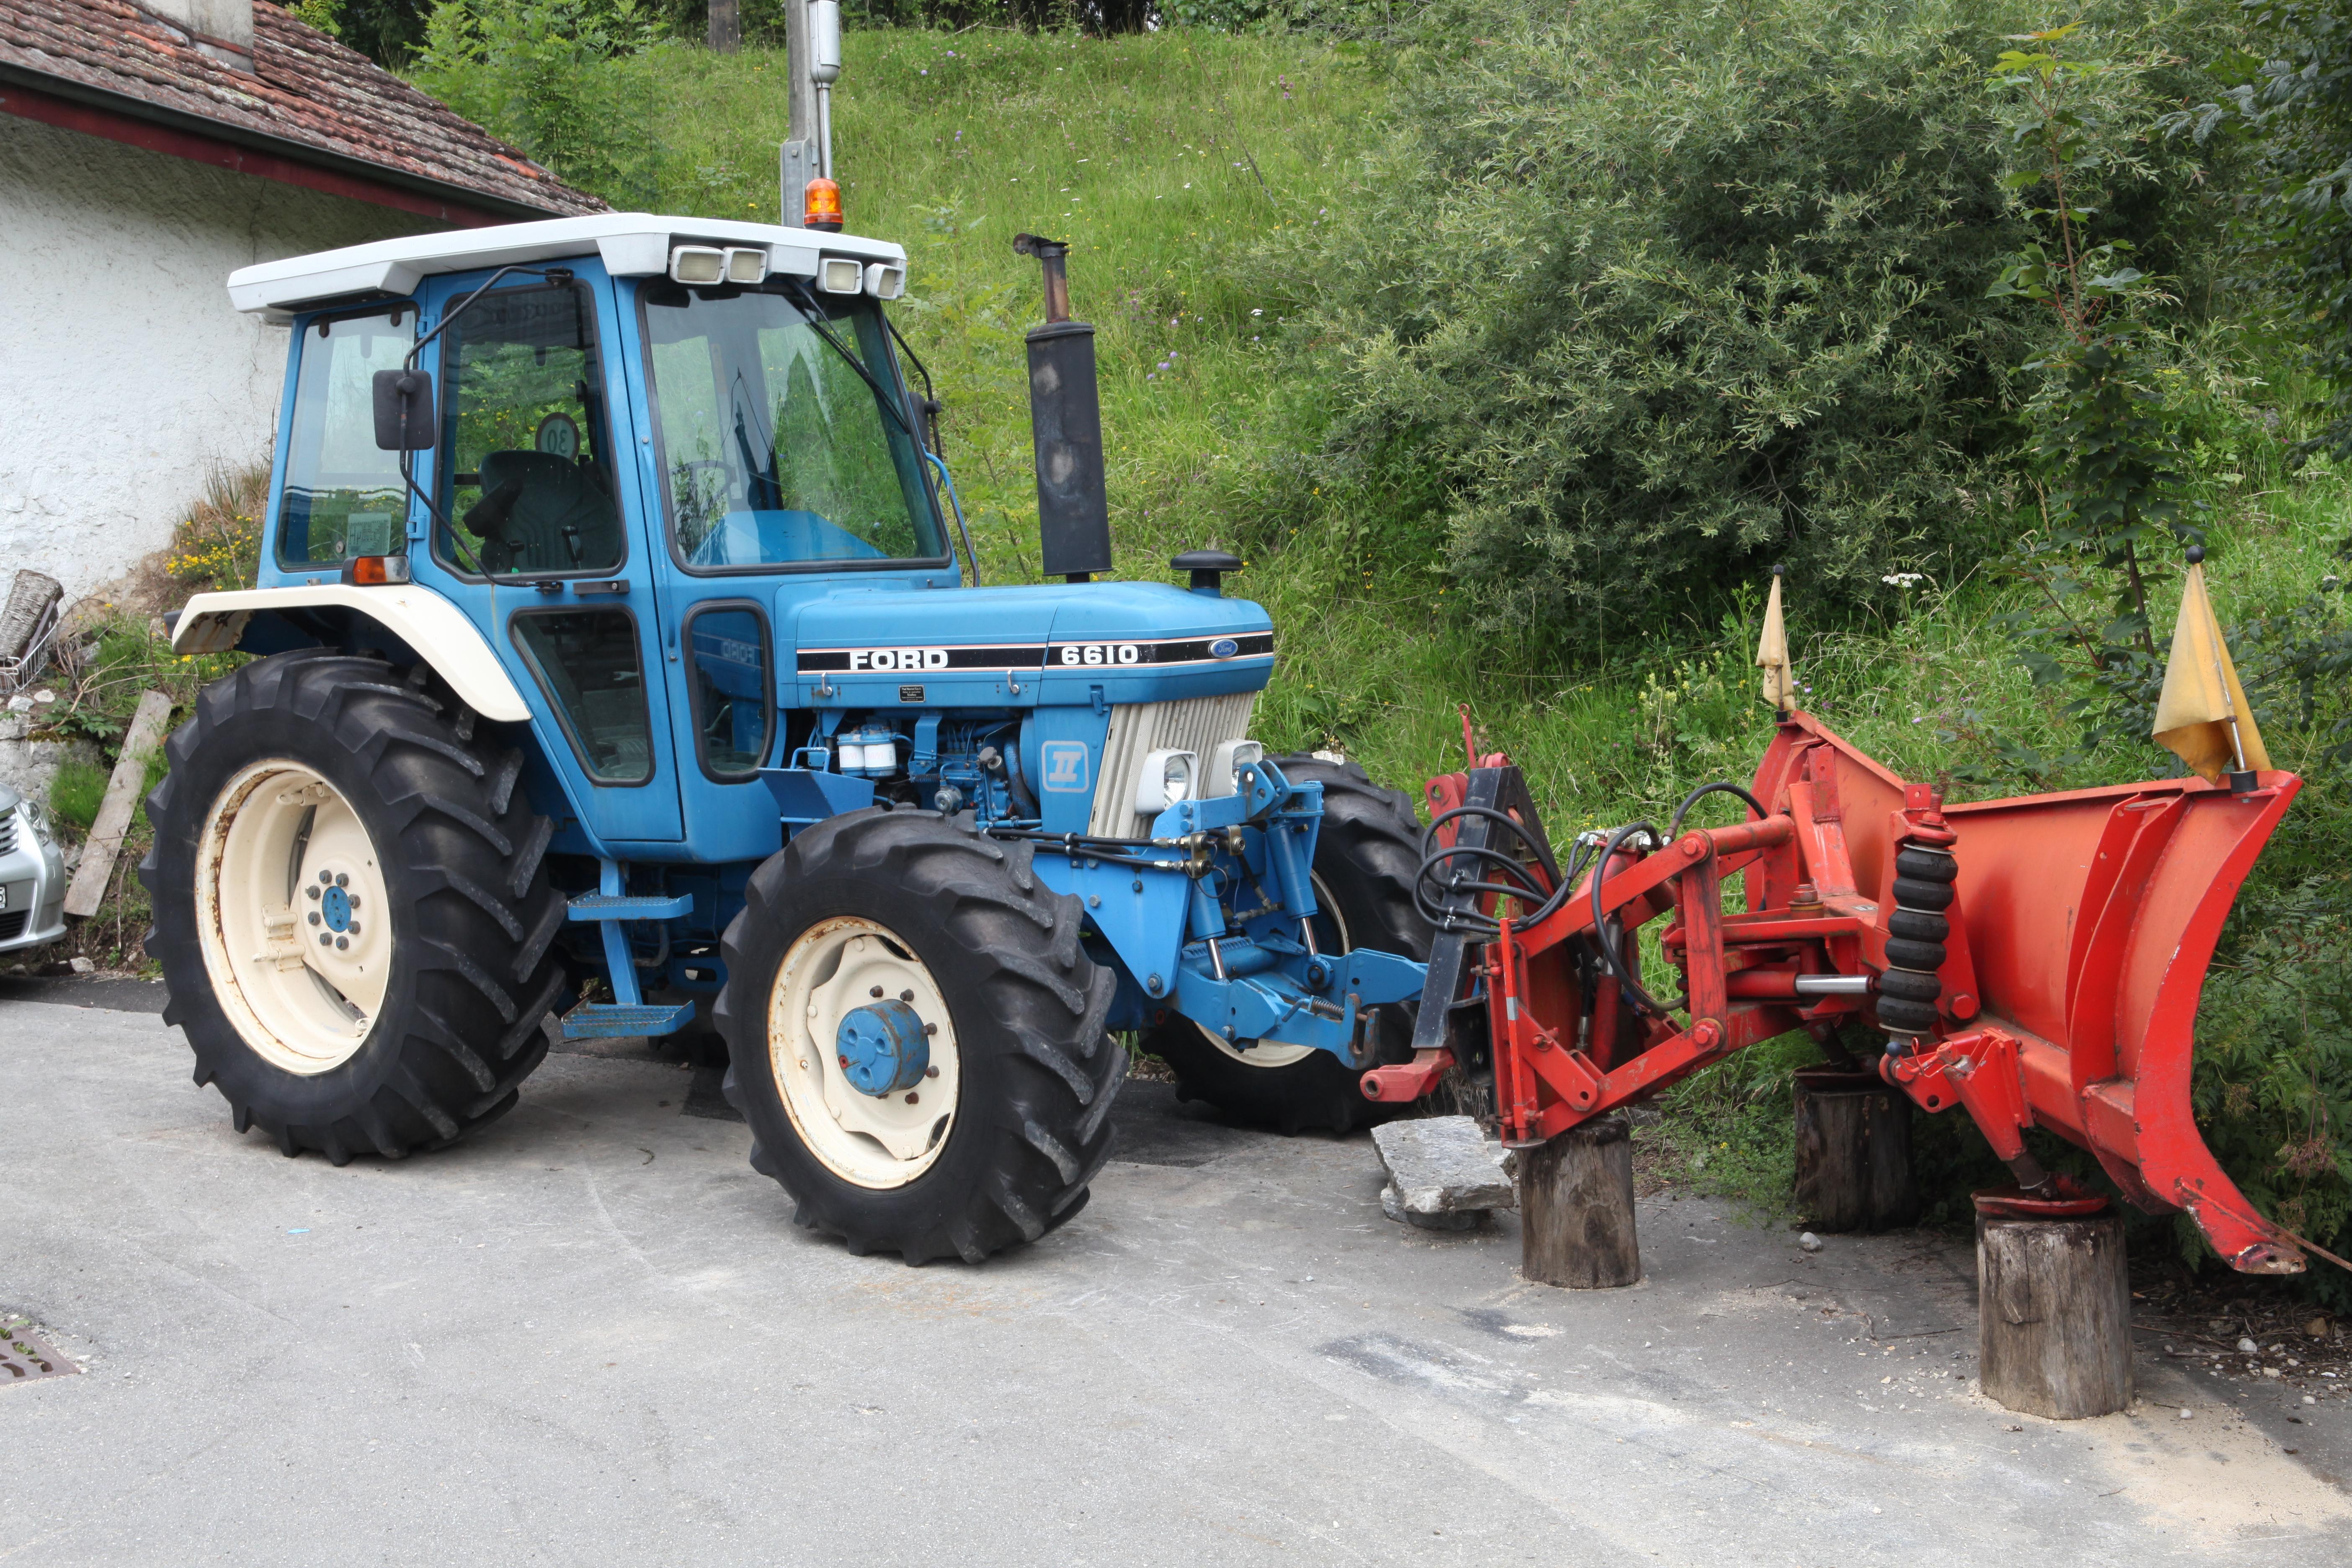 5610 Ford Tractorsold Verkauft Traktor Gen 1988 5585h Tractor Wiring Diagram Traktori Wikiwand